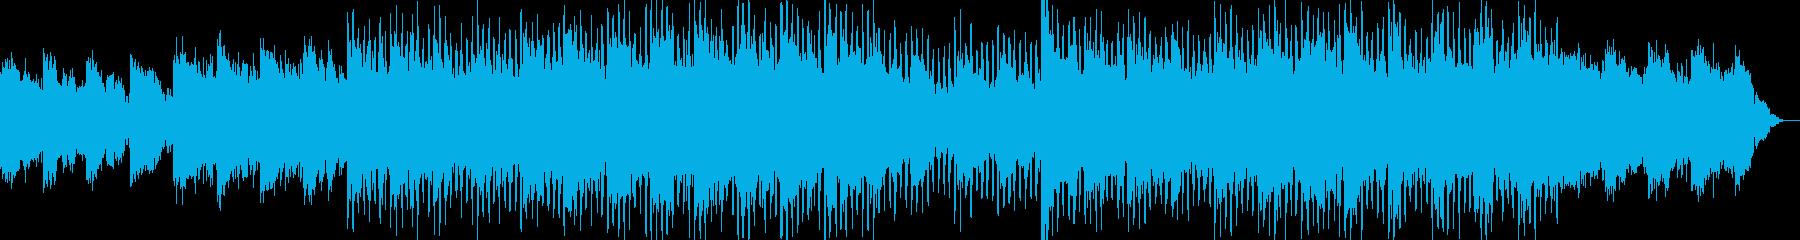 現代的で都会的なクラブ系EDM-10の再生済みの波形